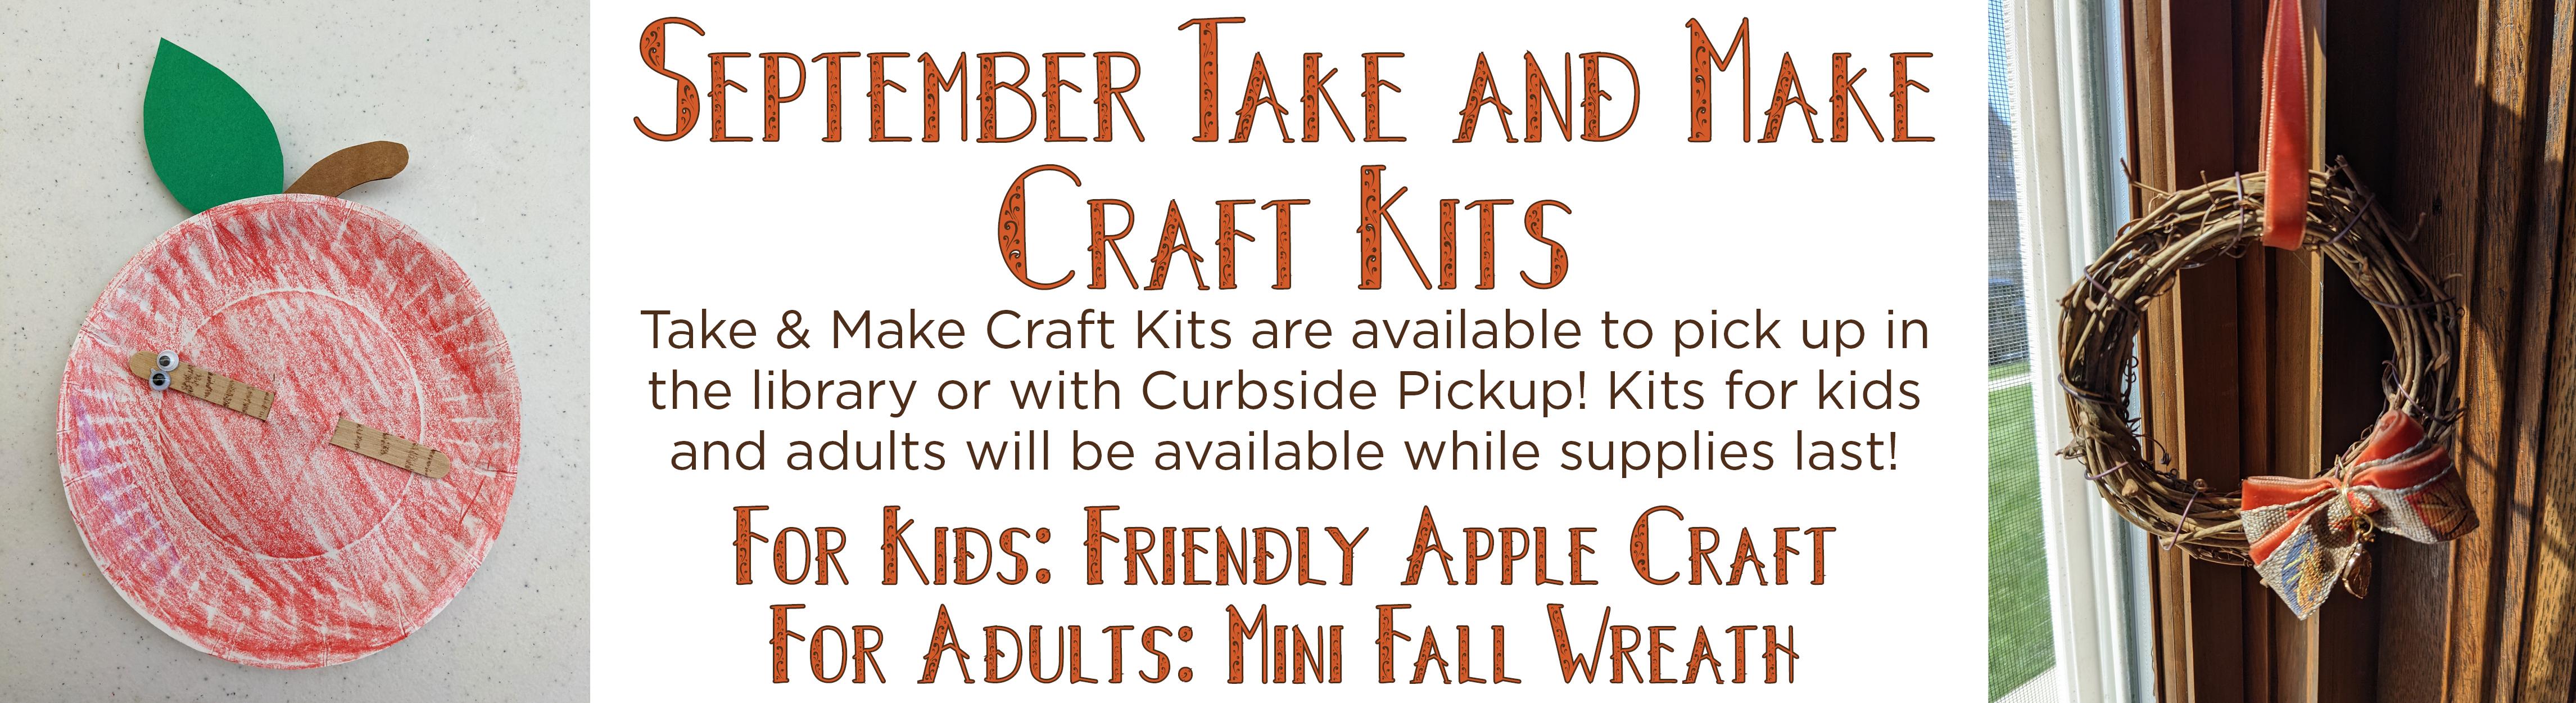 September Take & Make Craft Kits